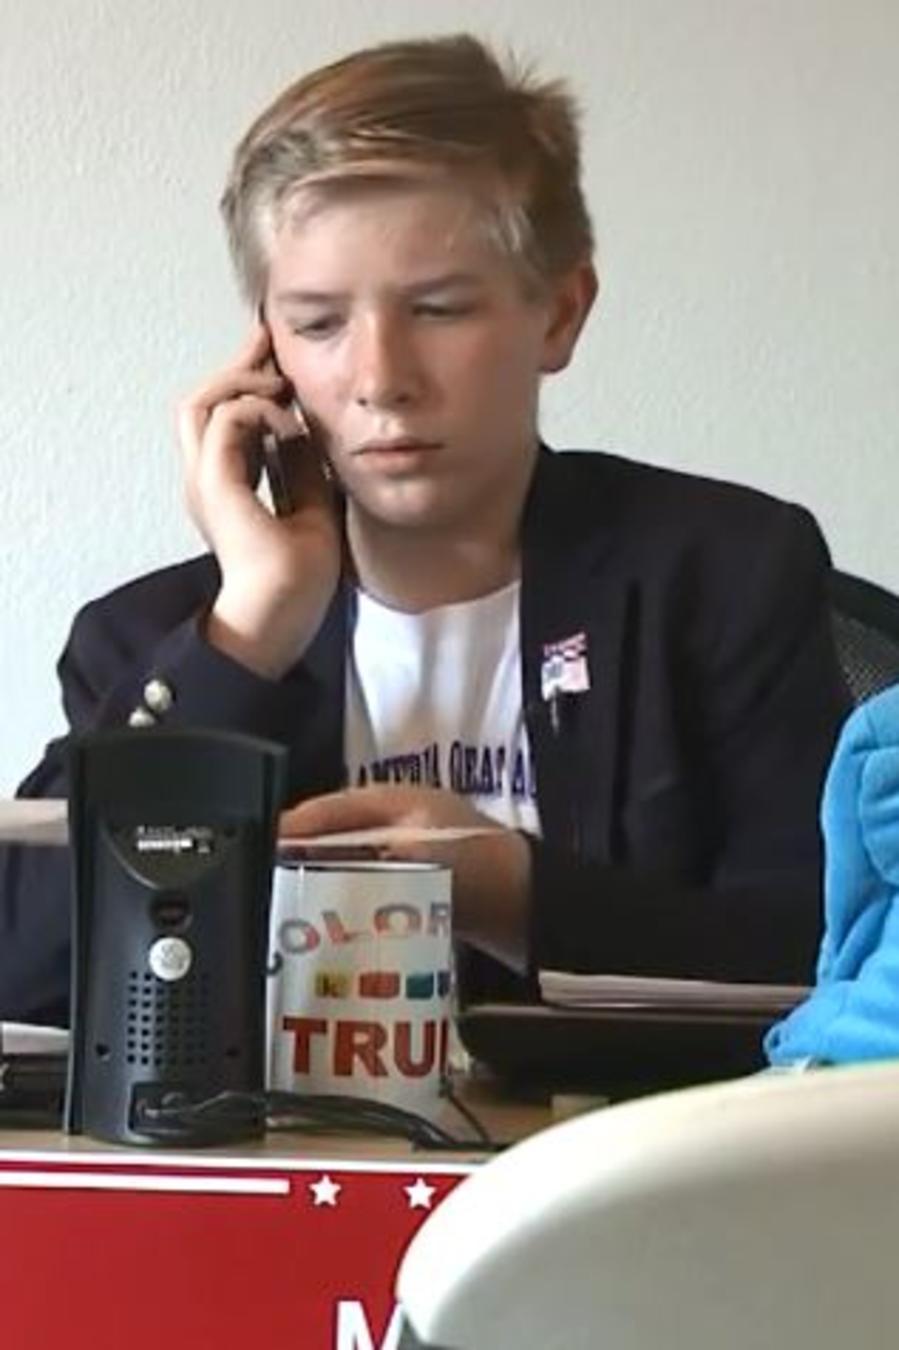 Weston Imer, el joven de 12 años de edad hace campaña a favor de Donald Trump en Colorado